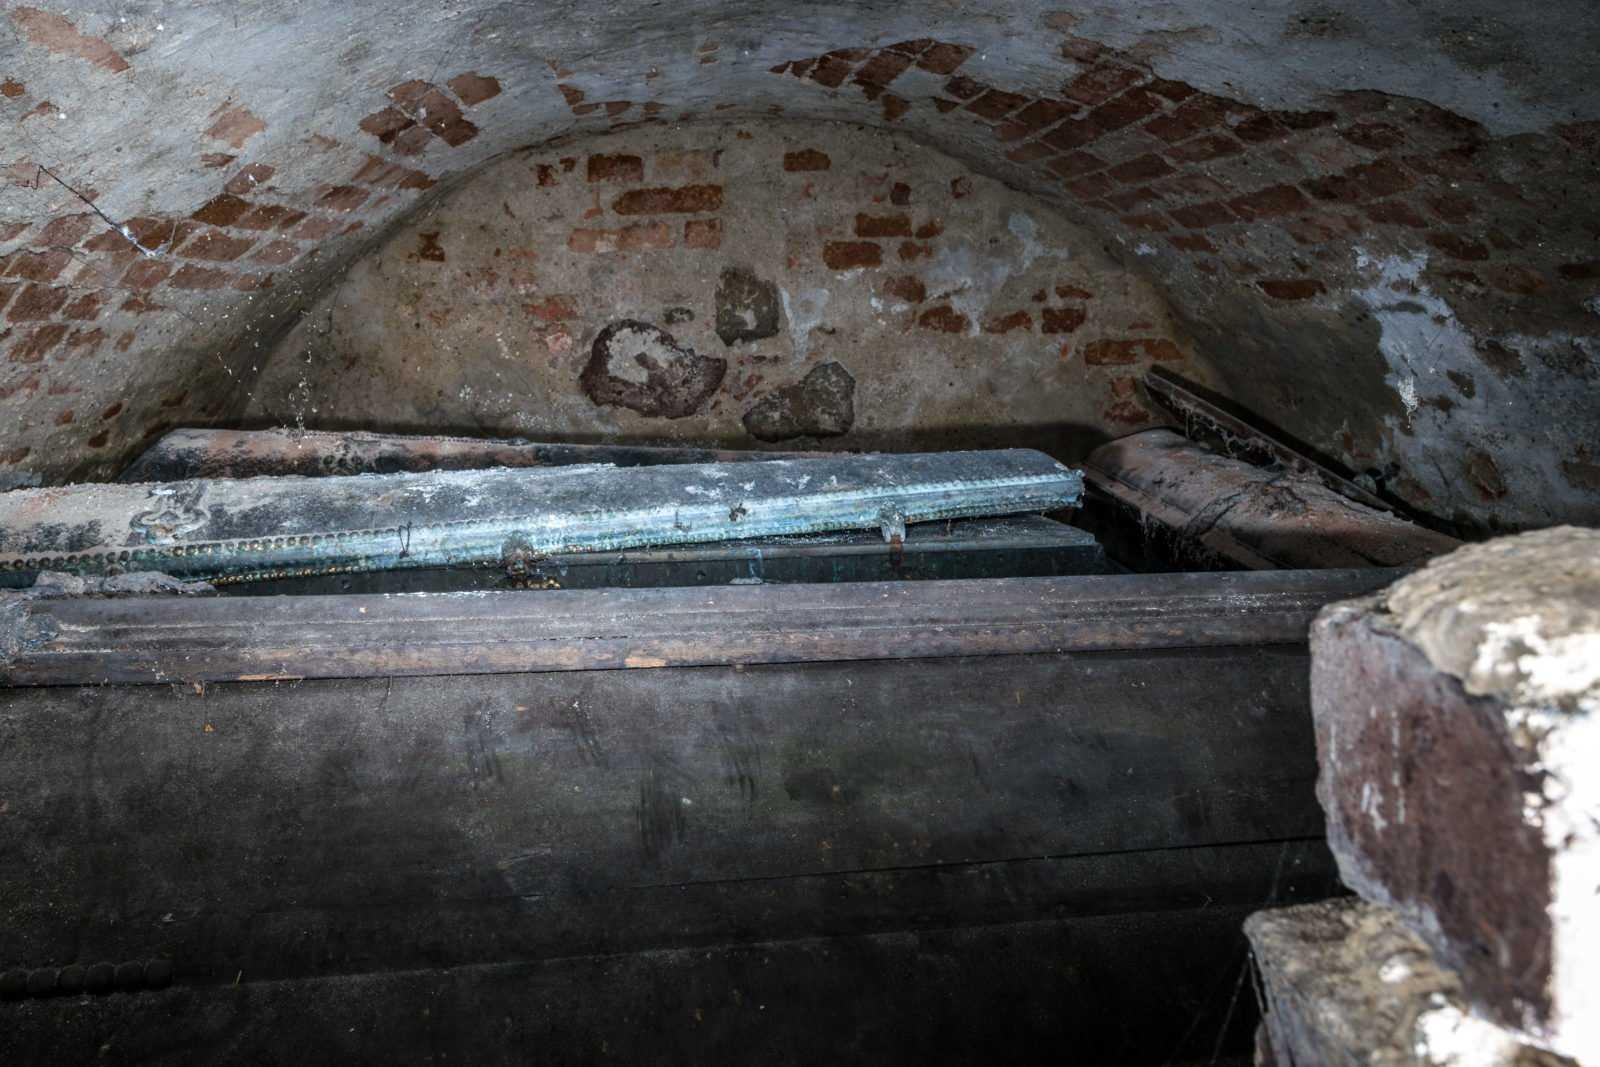 Parafia Krobia - podziemia kościoła św. Mikołaja w Krobi - krypta